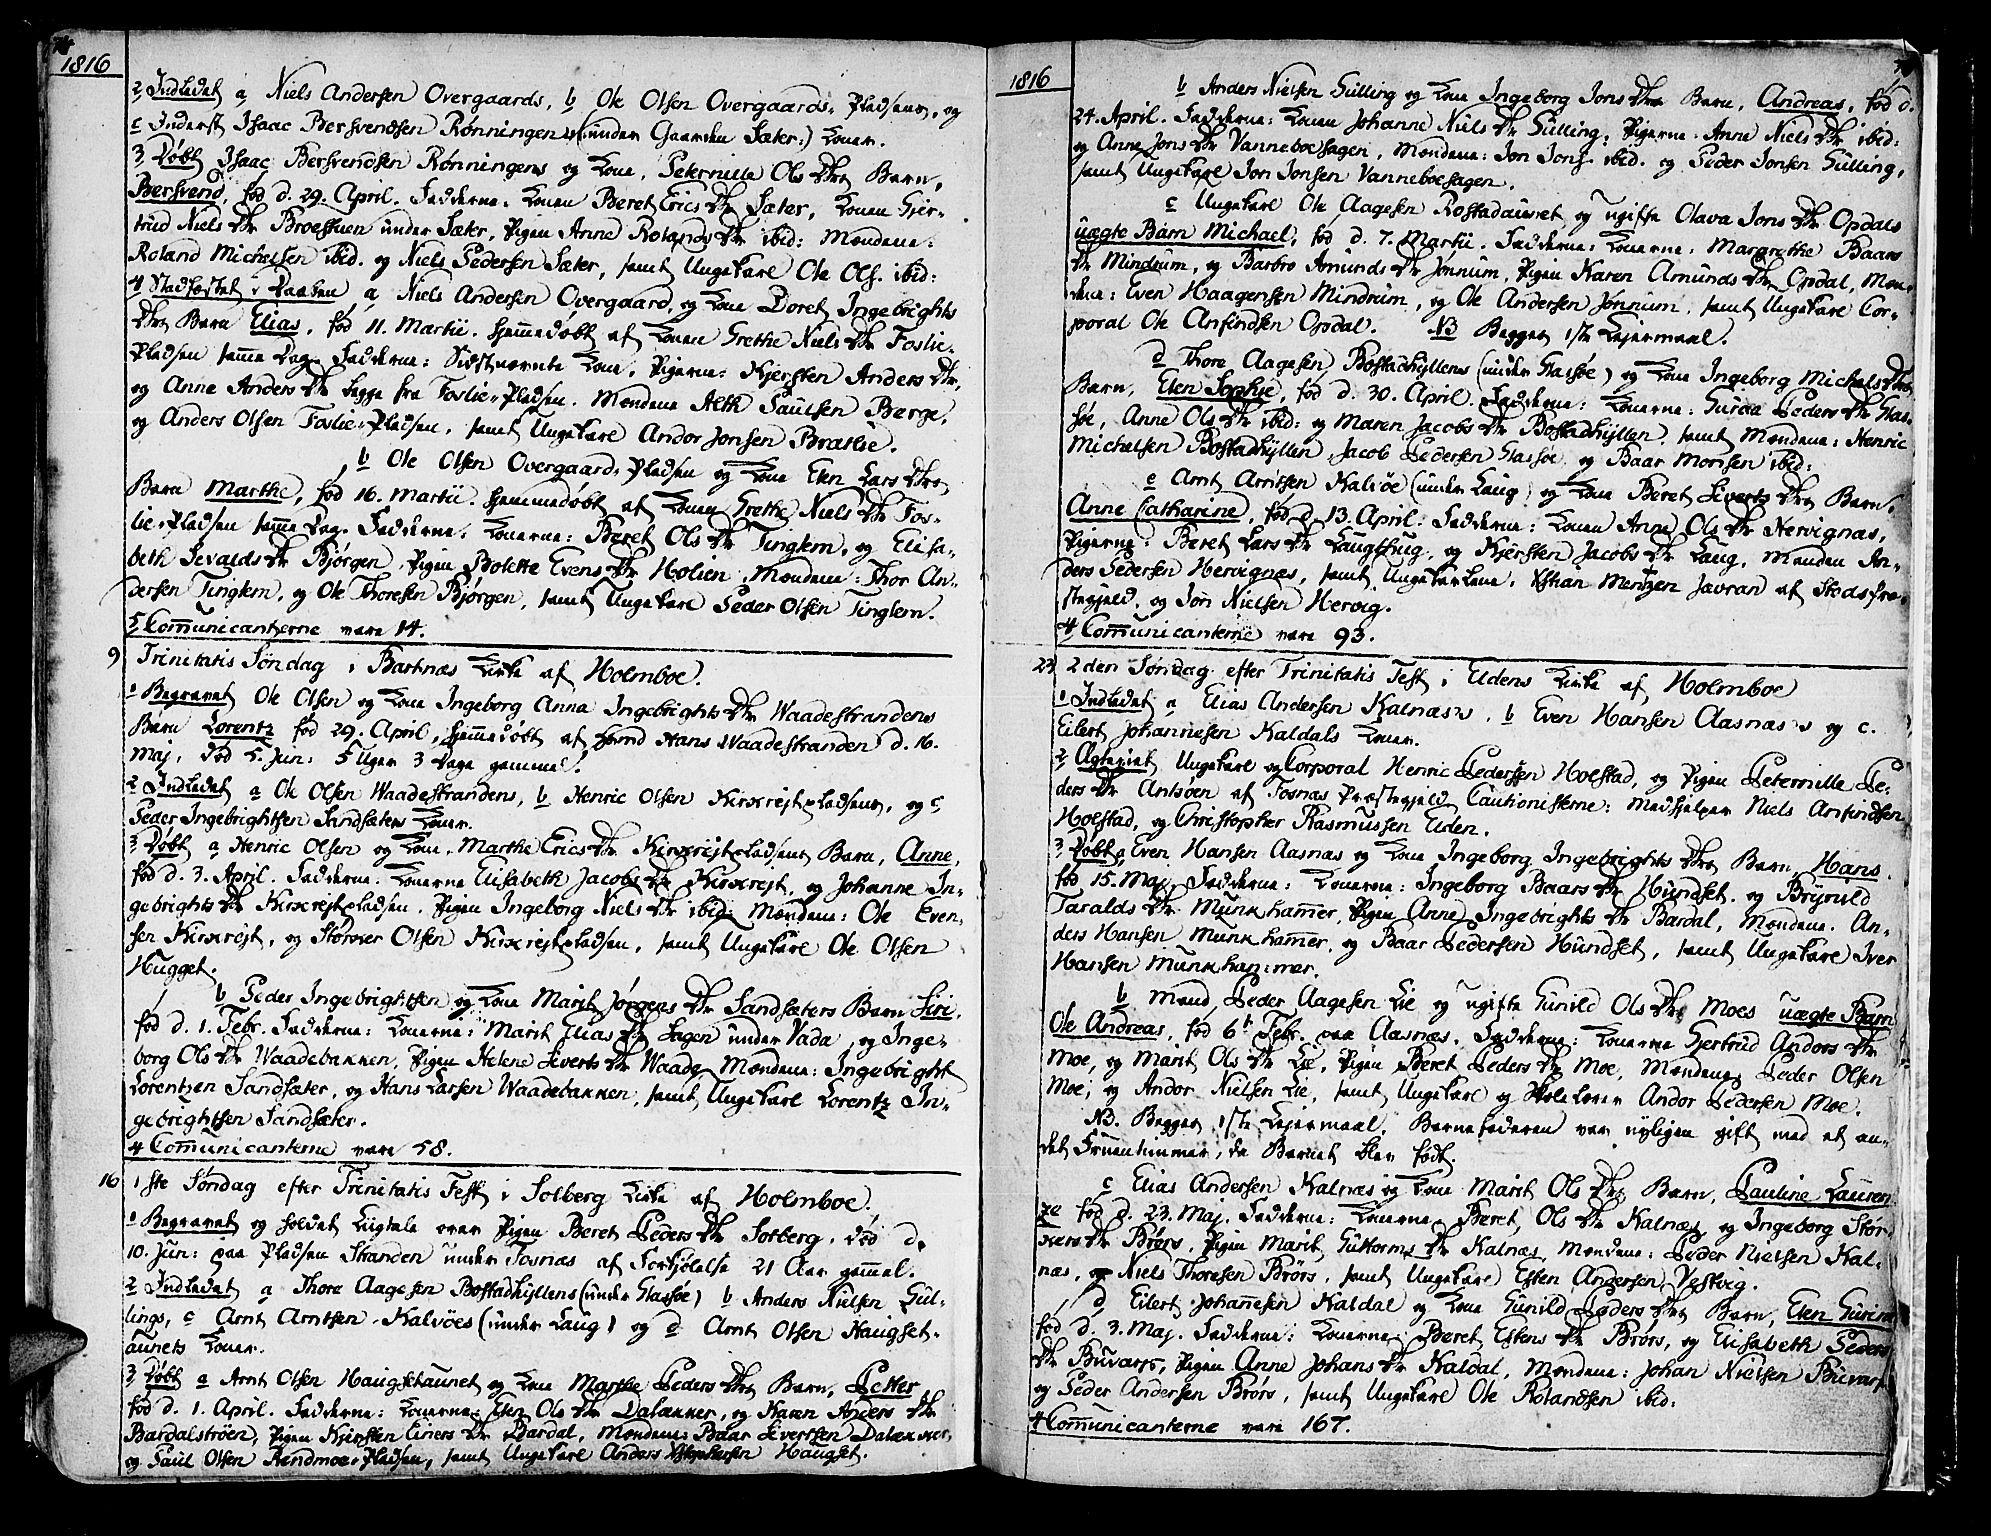 SAT, Ministerialprotokoller, klokkerbøker og fødselsregistre - Nord-Trøndelag, 741/L0386: Ministerialbok nr. 741A02, 1804-1816, s. 74-75